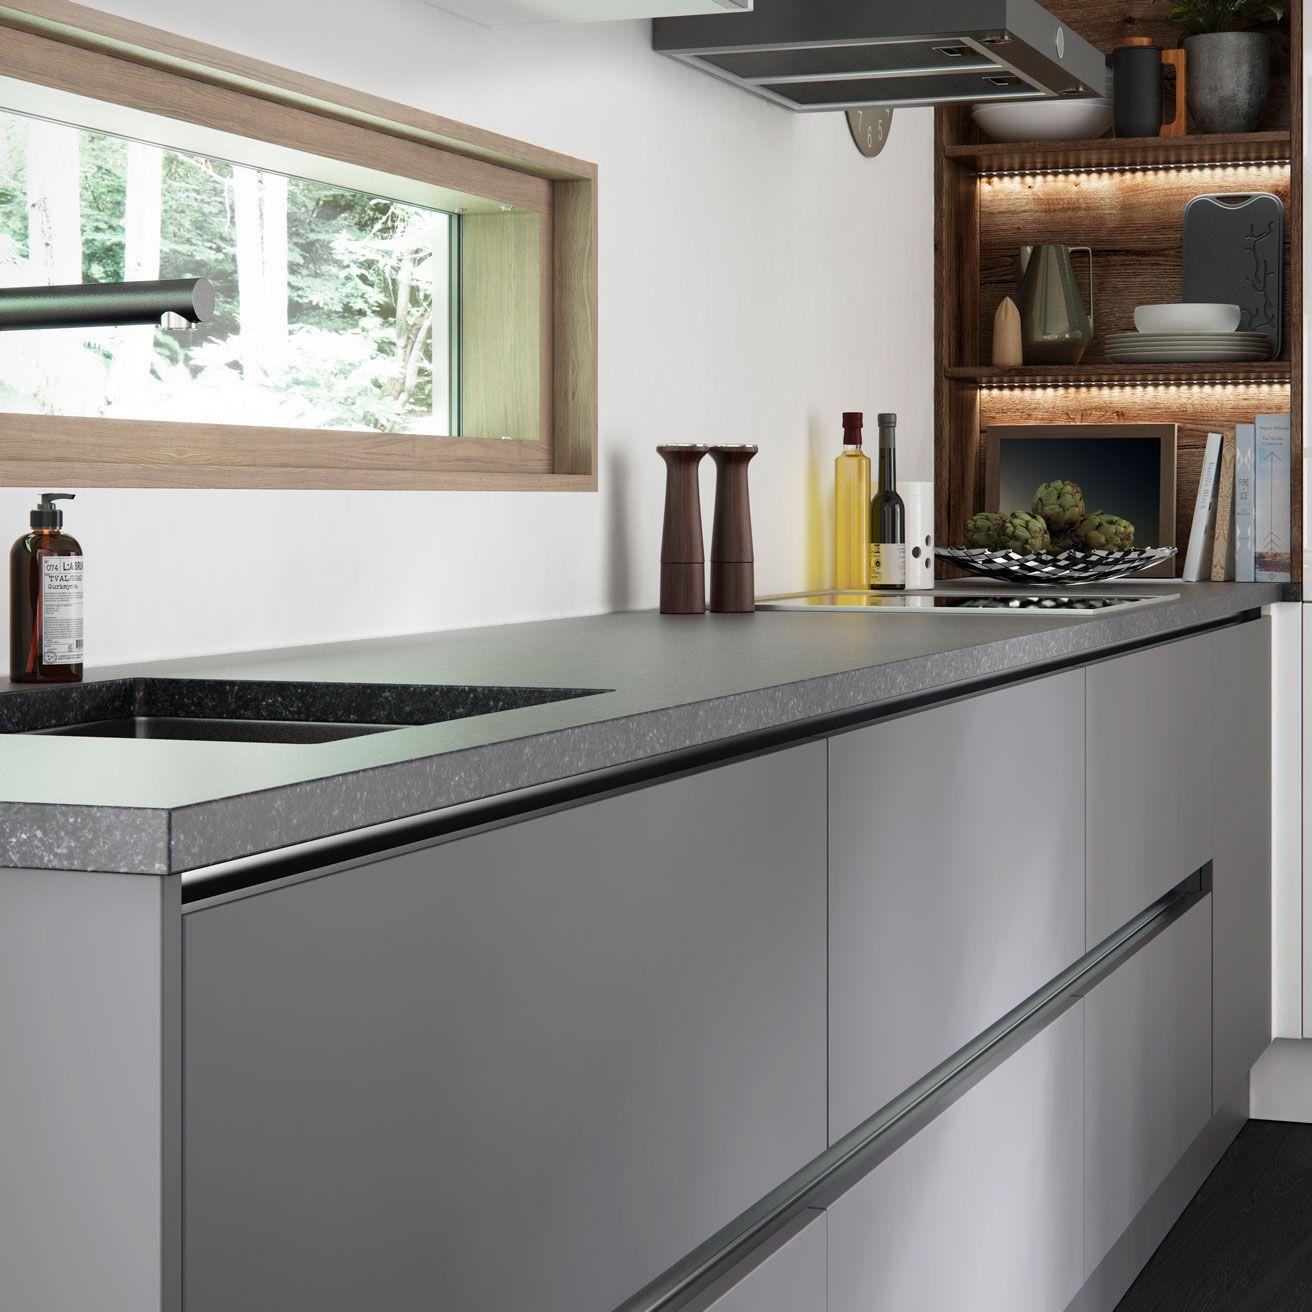 Best Super Matt Grey Kitchen Units Add An Ultra Modern Feel 400 x 300